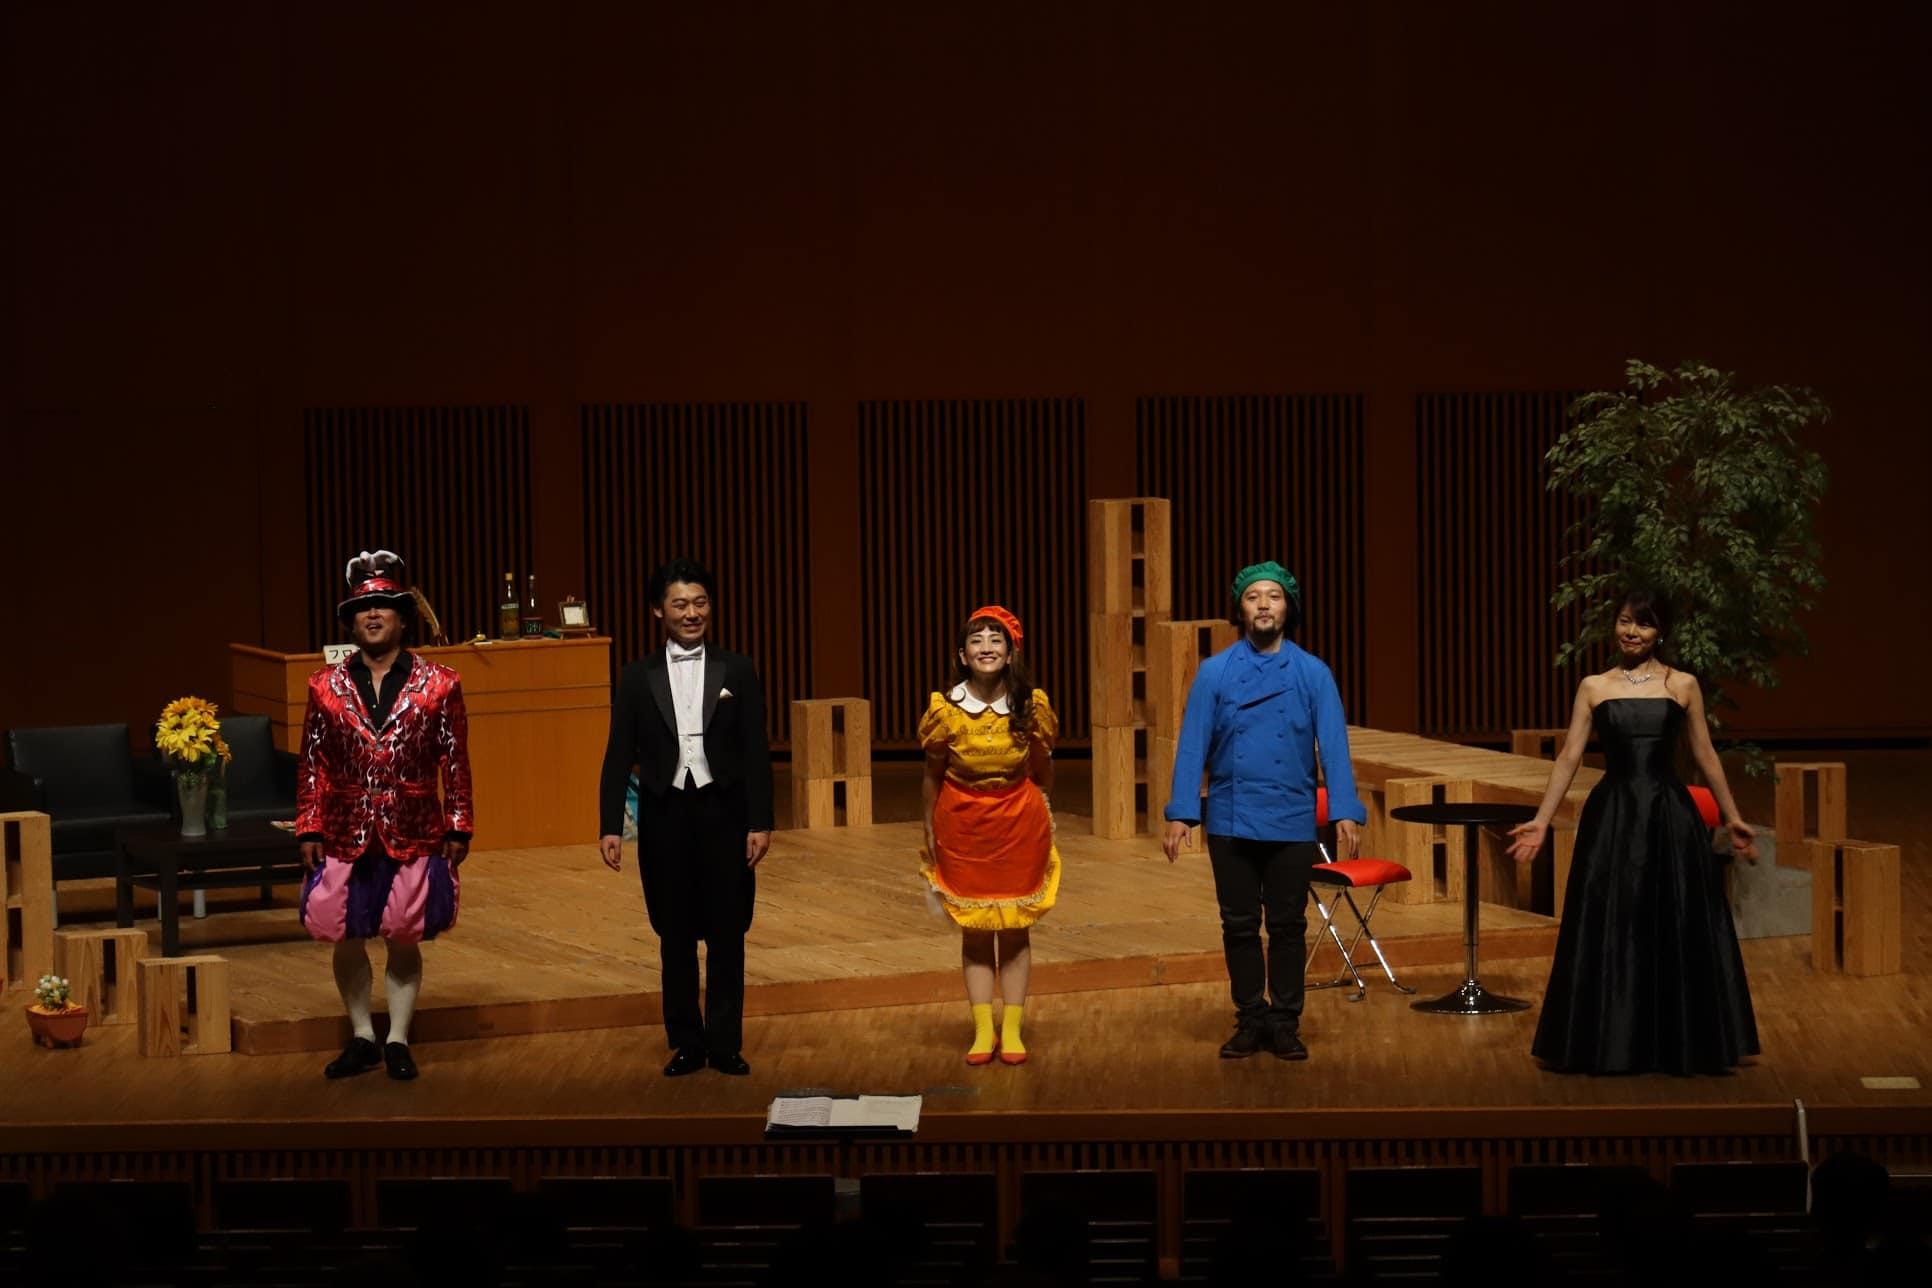 オペラ《リタ》のリハーサル&舞台裏が押川浩士さんのYouTubeチャンネルで公開されました。